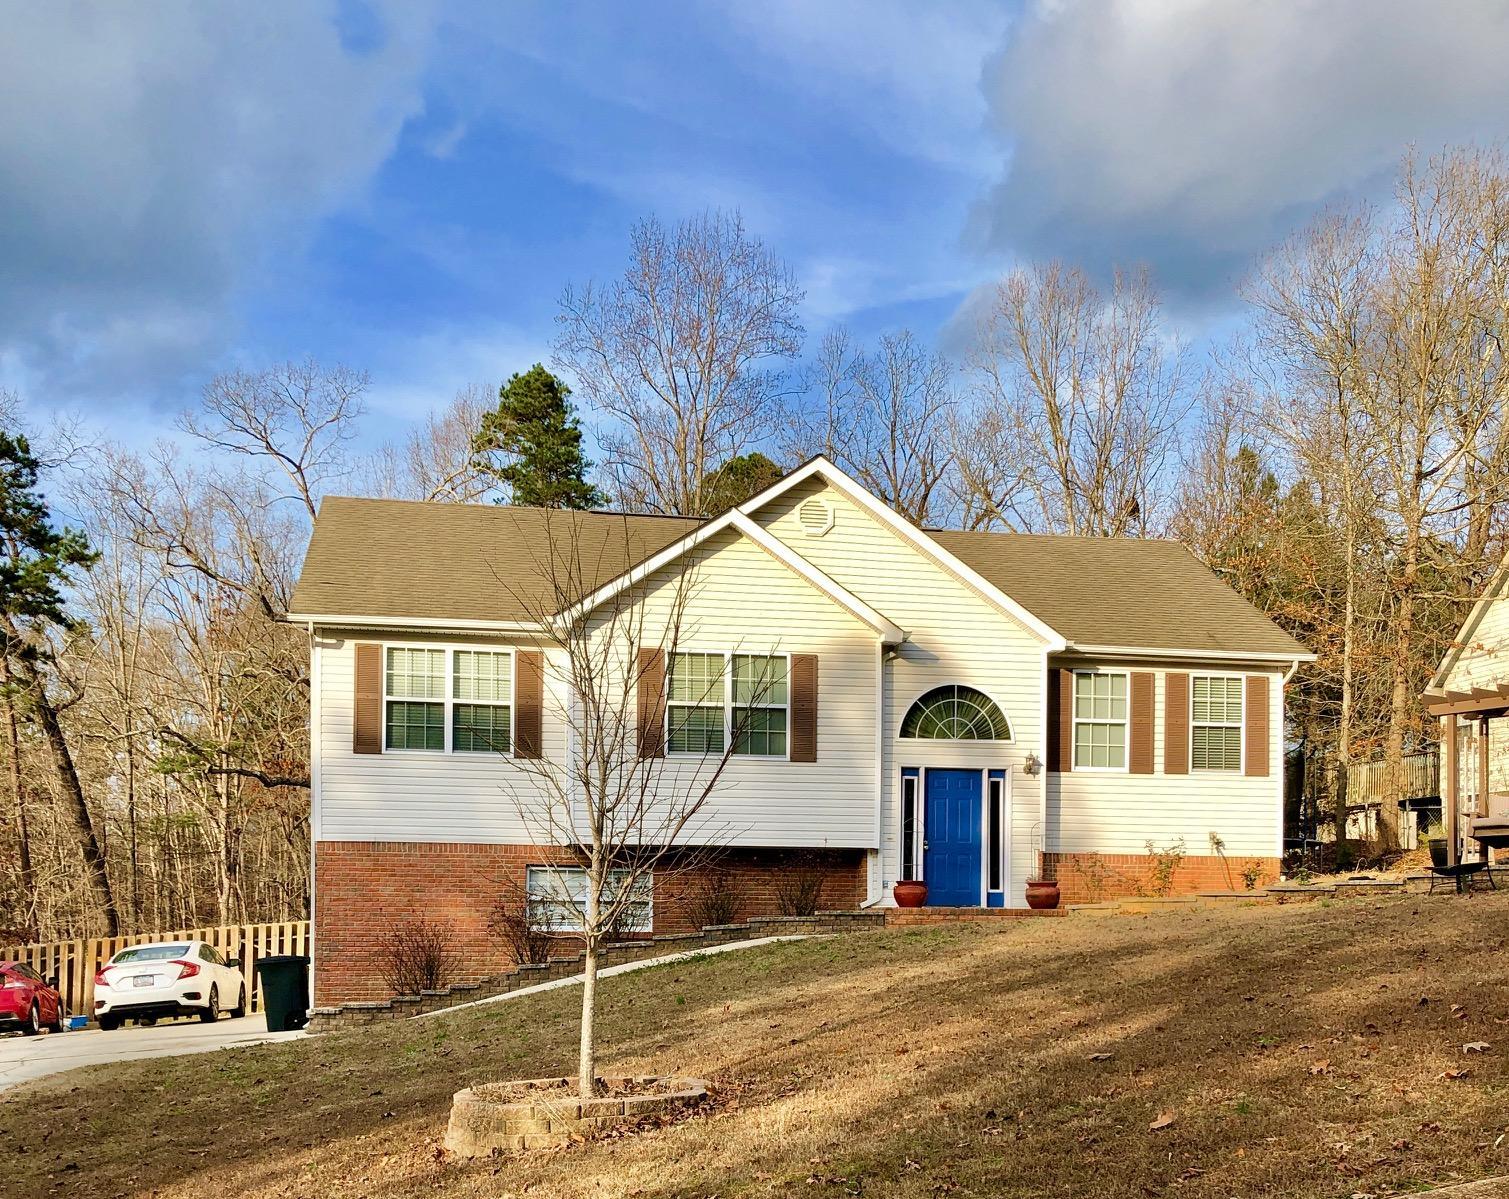 142 Dalewood Cir, Chickamauga, GA 30707